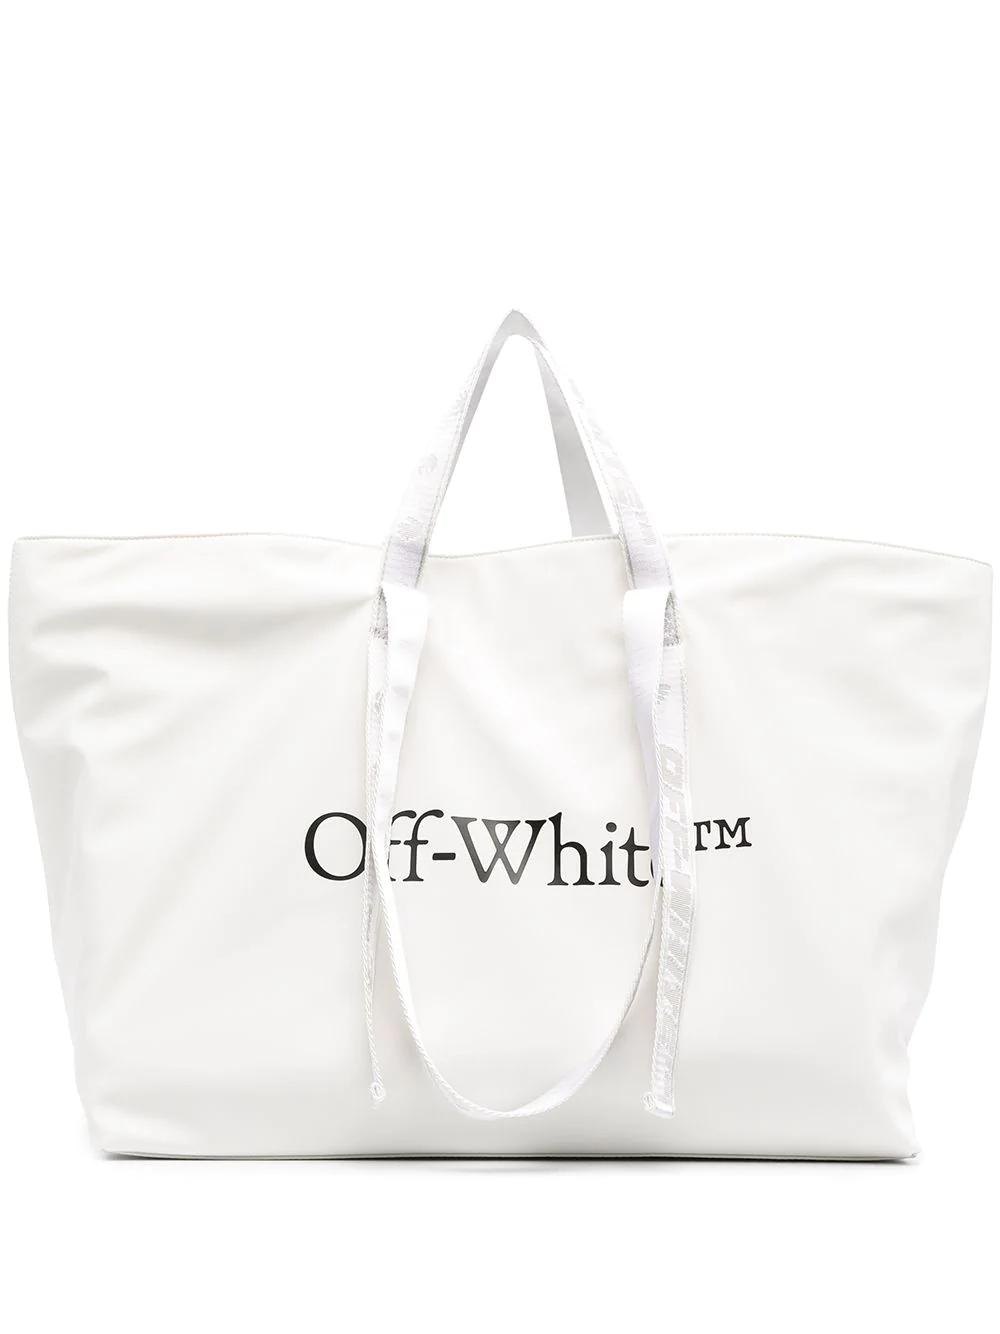 off white tote